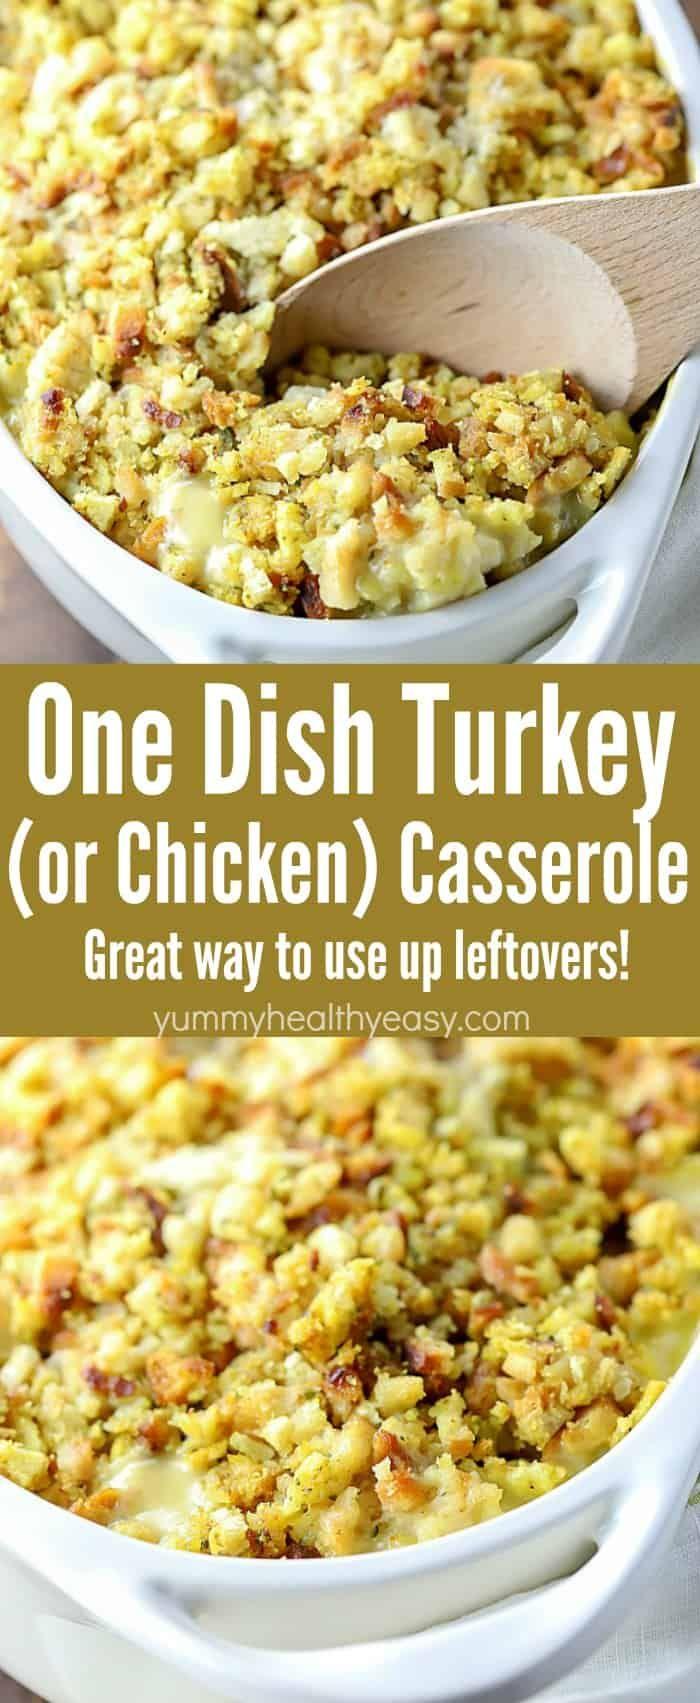 Easy One Dish Turkey (or Chicken!) Casserole - Yummy Healthy Easy